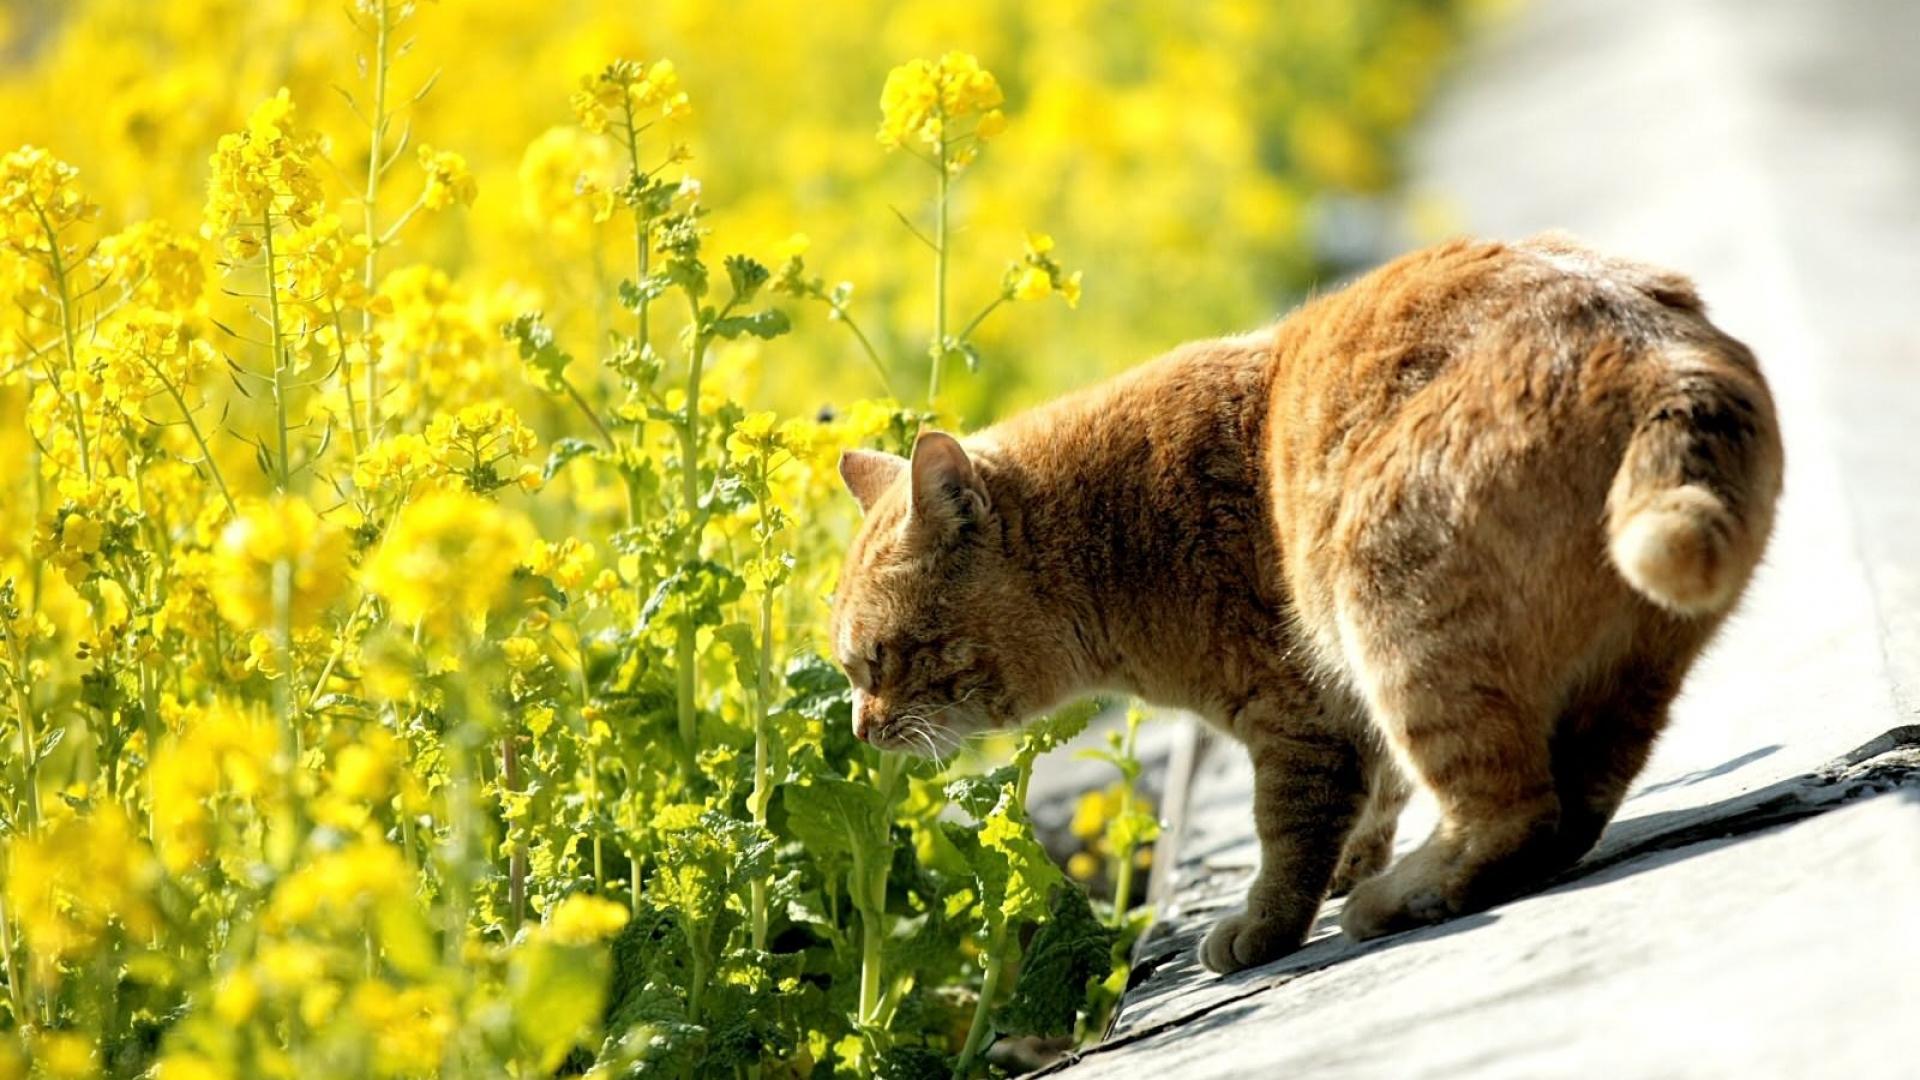 кот нюхает траву летом